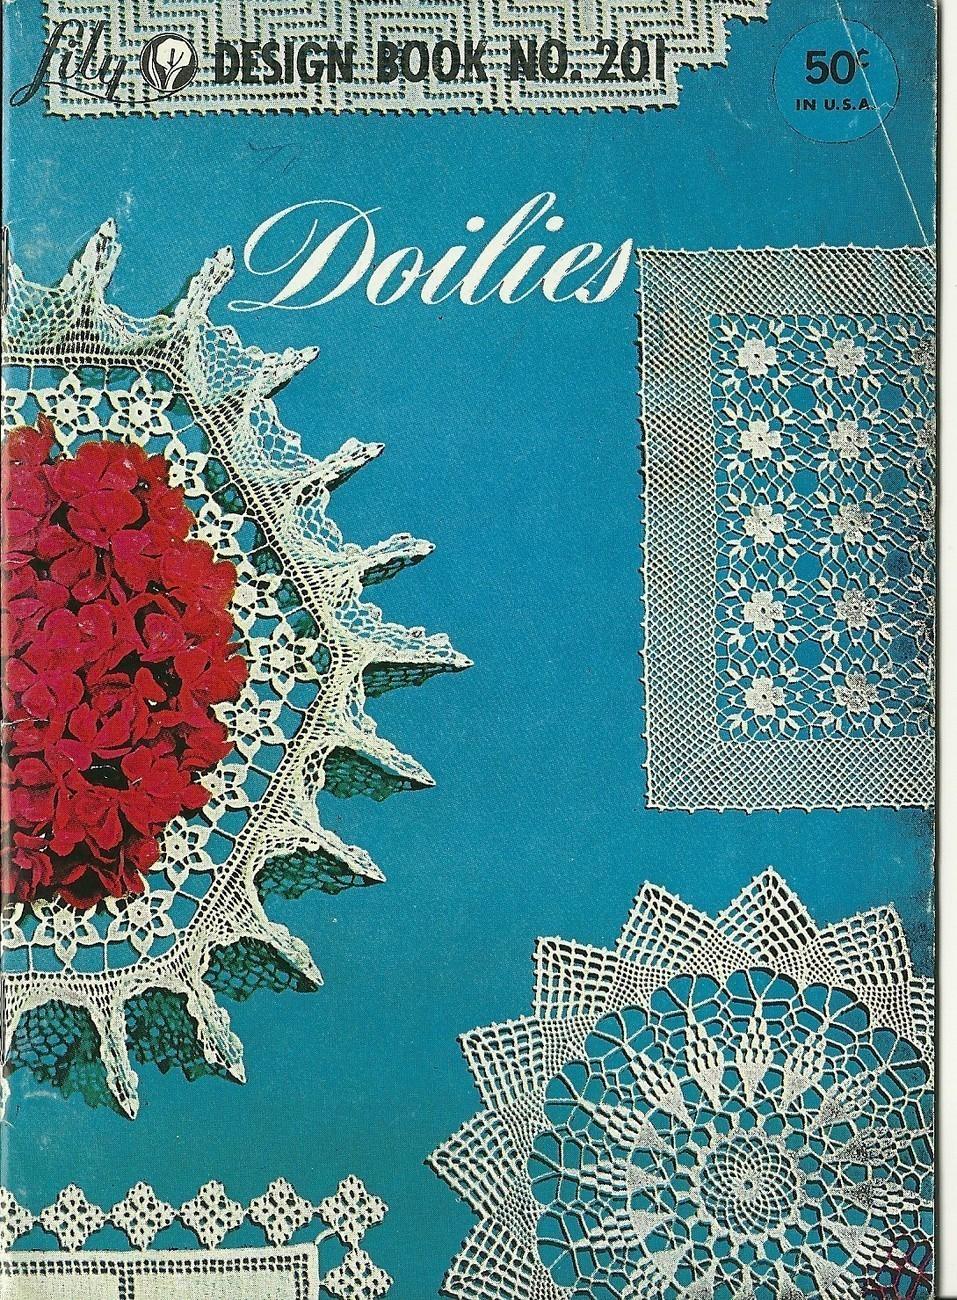 Doilies   lily design book no. 201